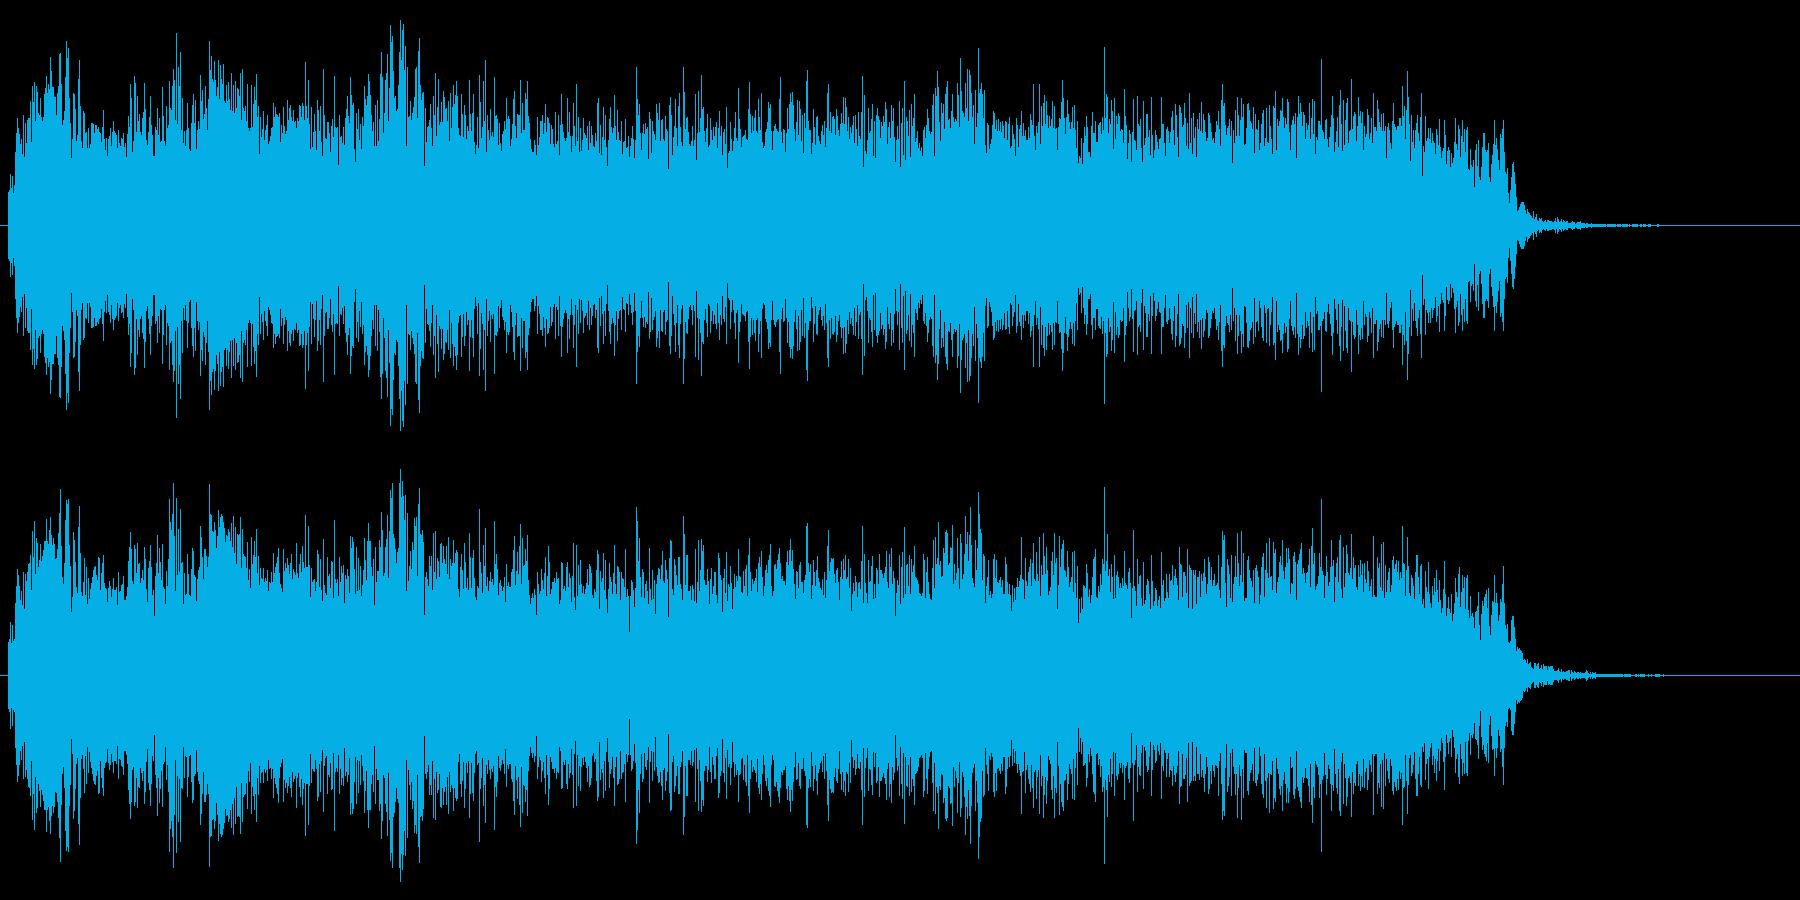 攻撃的なメタルのギターフレーズ 場面転換の再生済みの波形